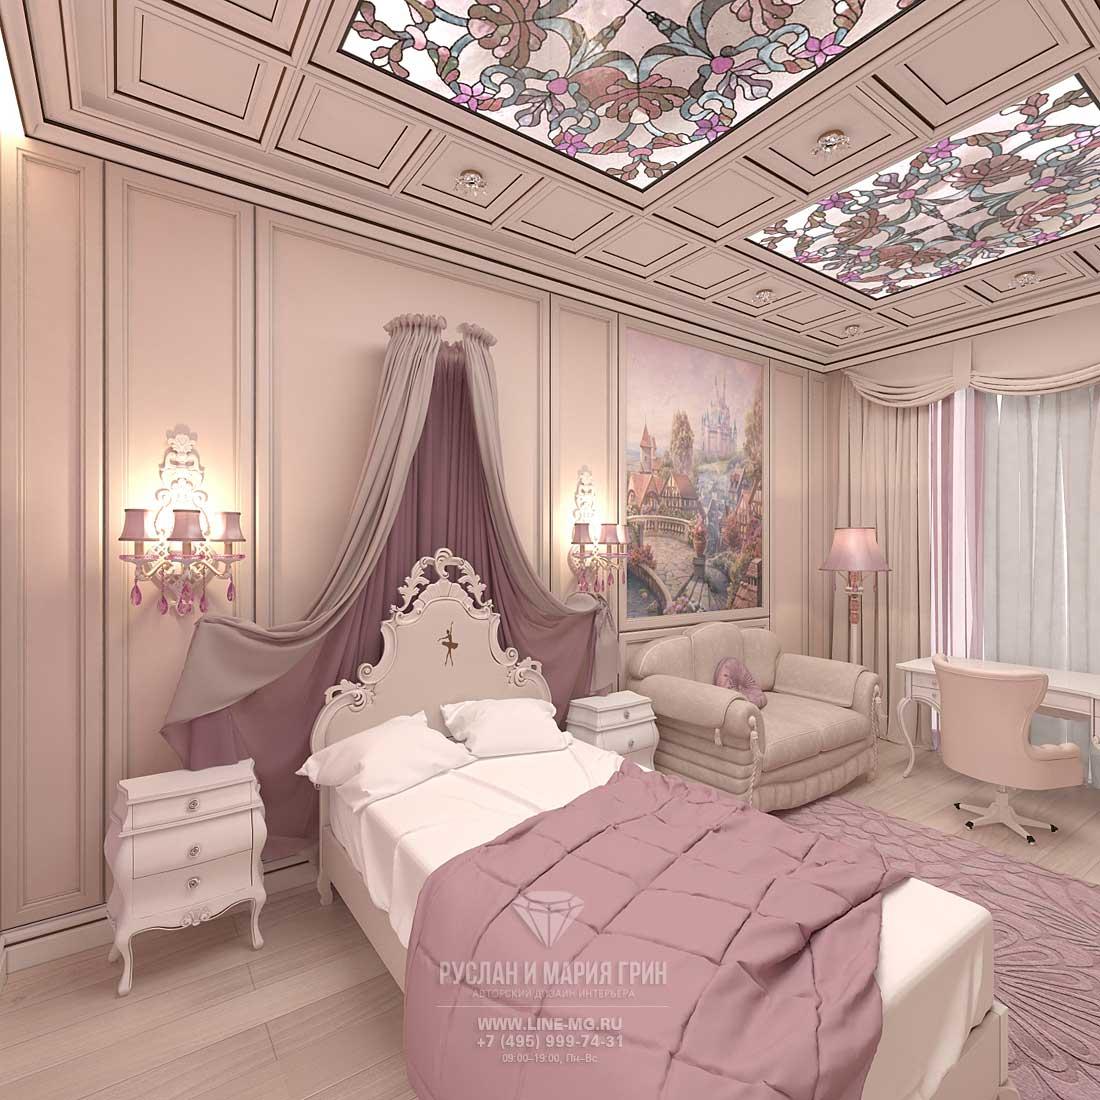 Элитный ремонт квартиры в Москве. Фото интерьера детской комнаты